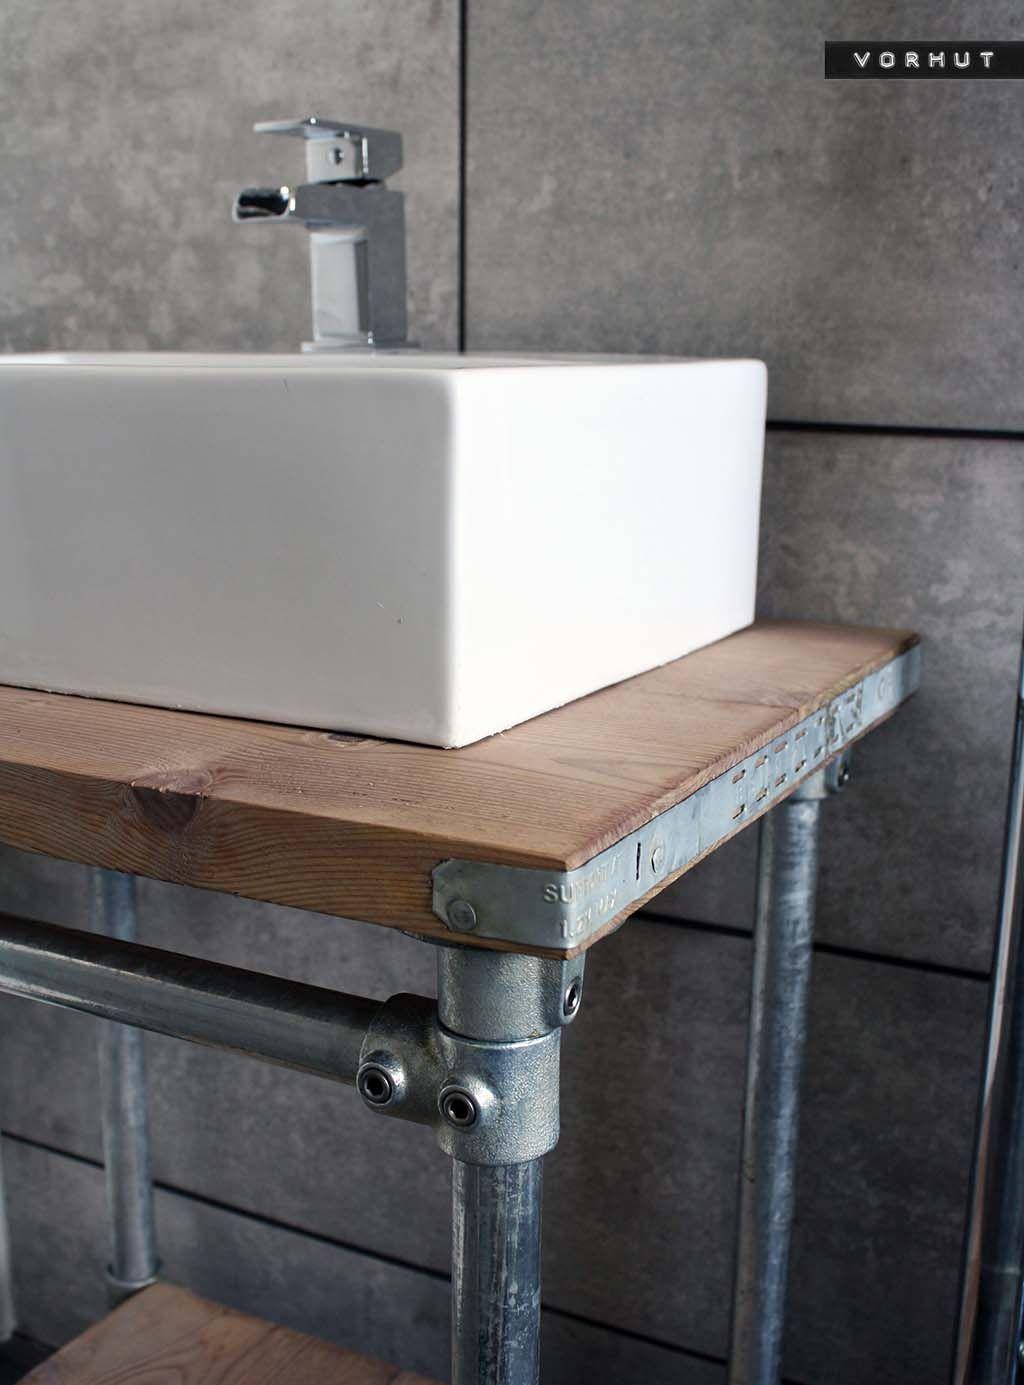 Vorhut Vintage Scaffold Board Vanity Unit Industrial Style Bathroom Sink Vanity Unit Vanity Units